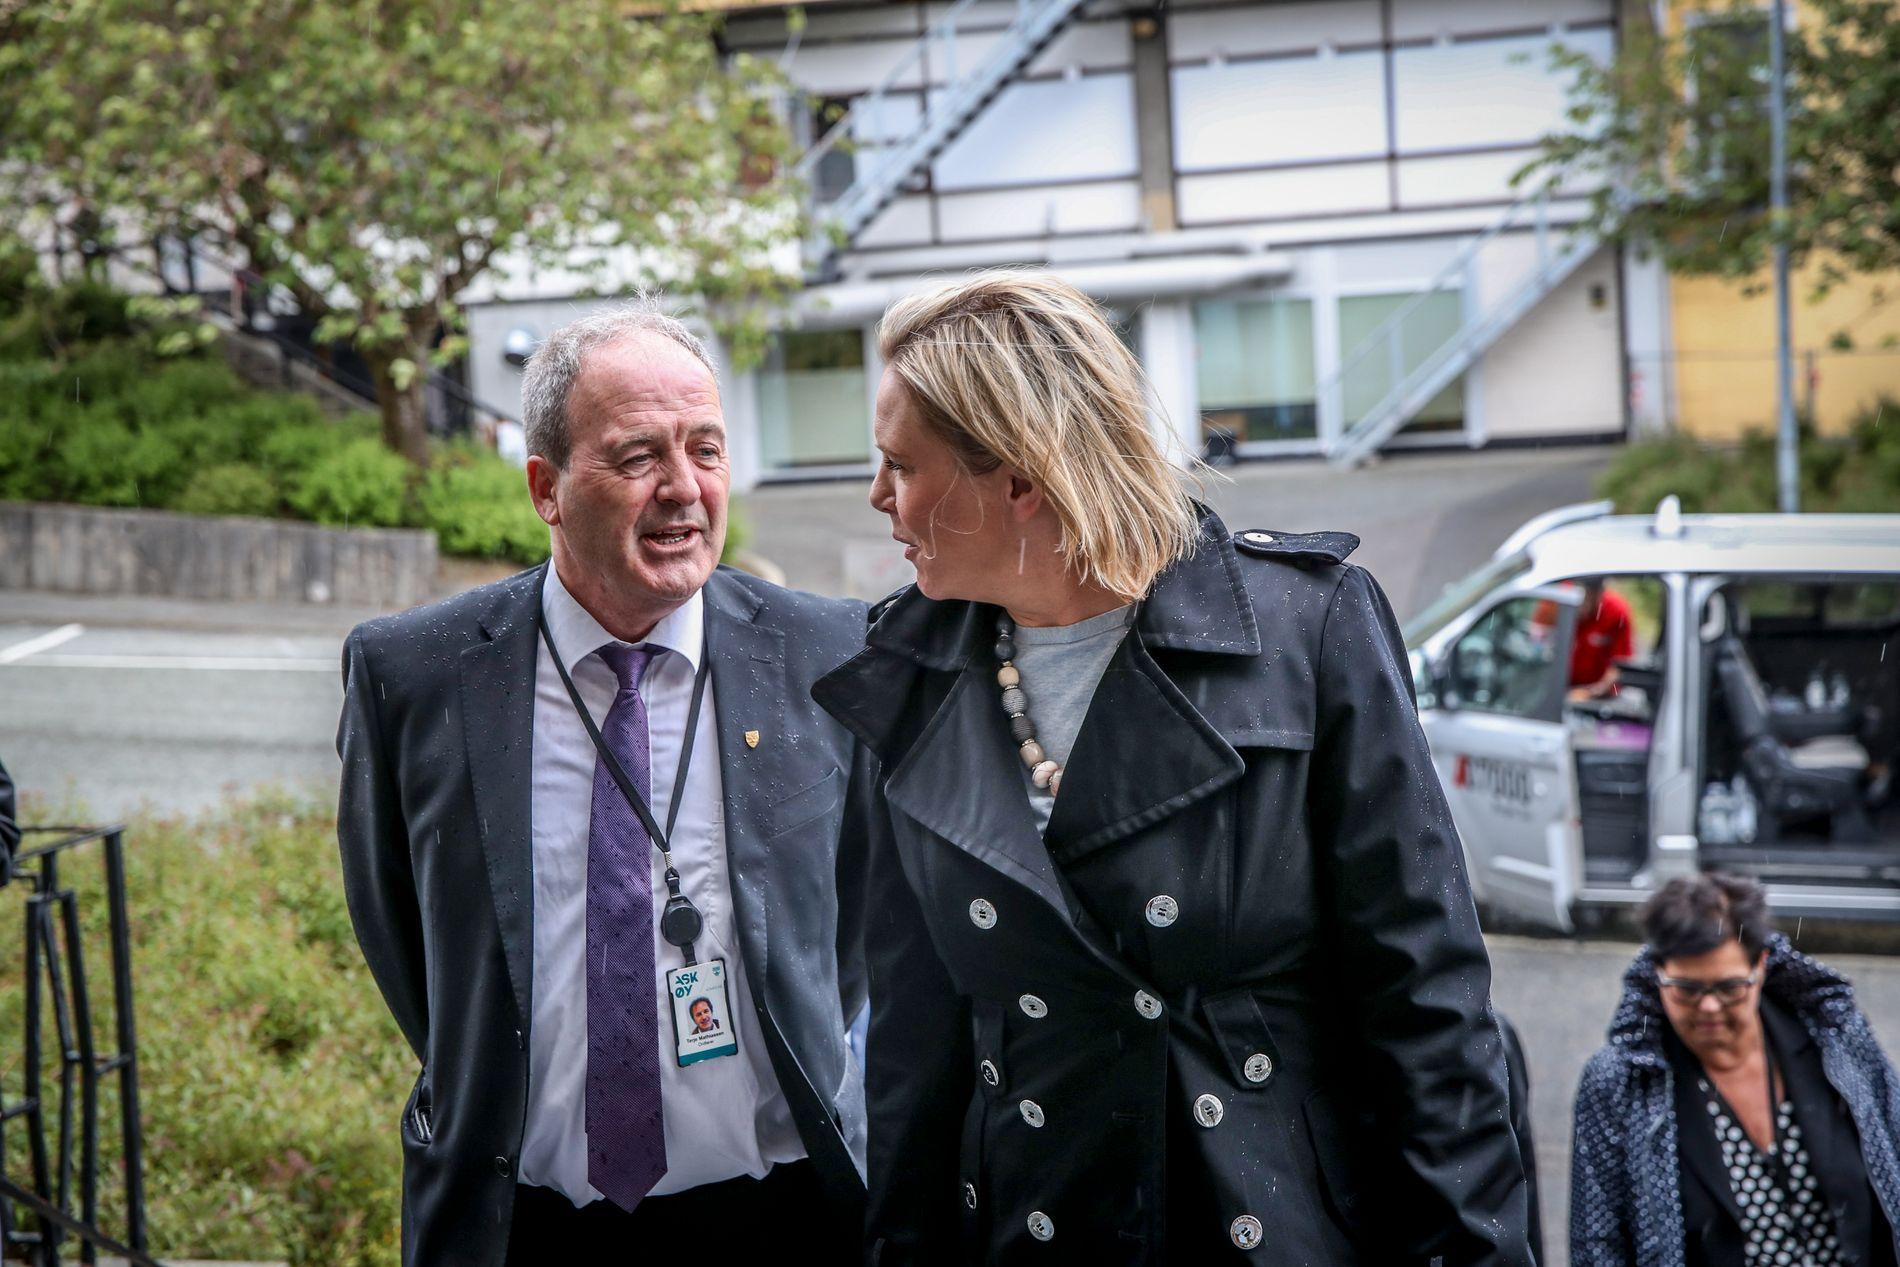 PÅ BESØK: Eldre- og folkehelseminister Sylvi Listhaug (Frp) kom mandag til Askøy for å få en redegjørelse av kommunen om smitteutbruddet. Her sammen med Askøy-ordfører Terje Mathiassen.